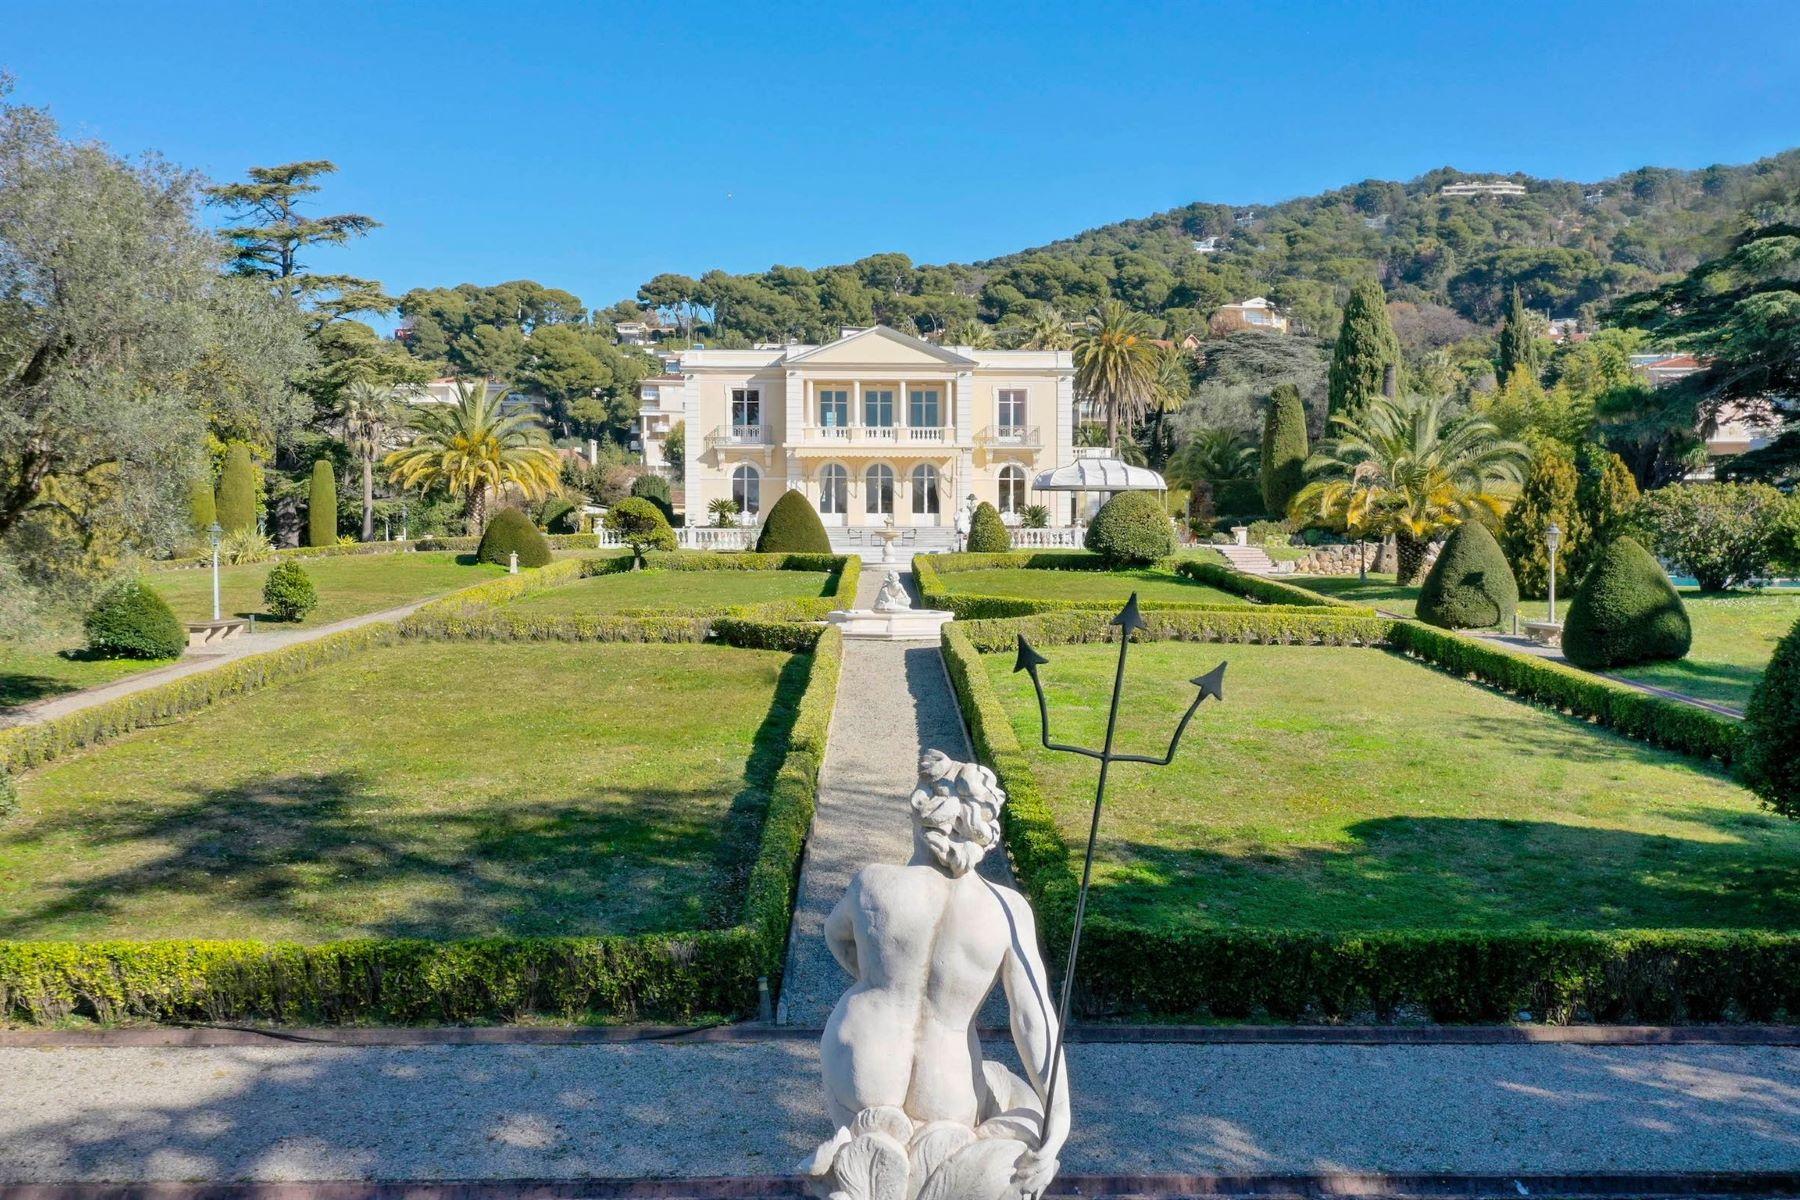 Single Family Homes for Sale at Le Château Sainte-Anne, a unique Belle-Époque mansion in the heart of Cannes Cannes, Provence-Alpes-Cote D'Azur 06400 France